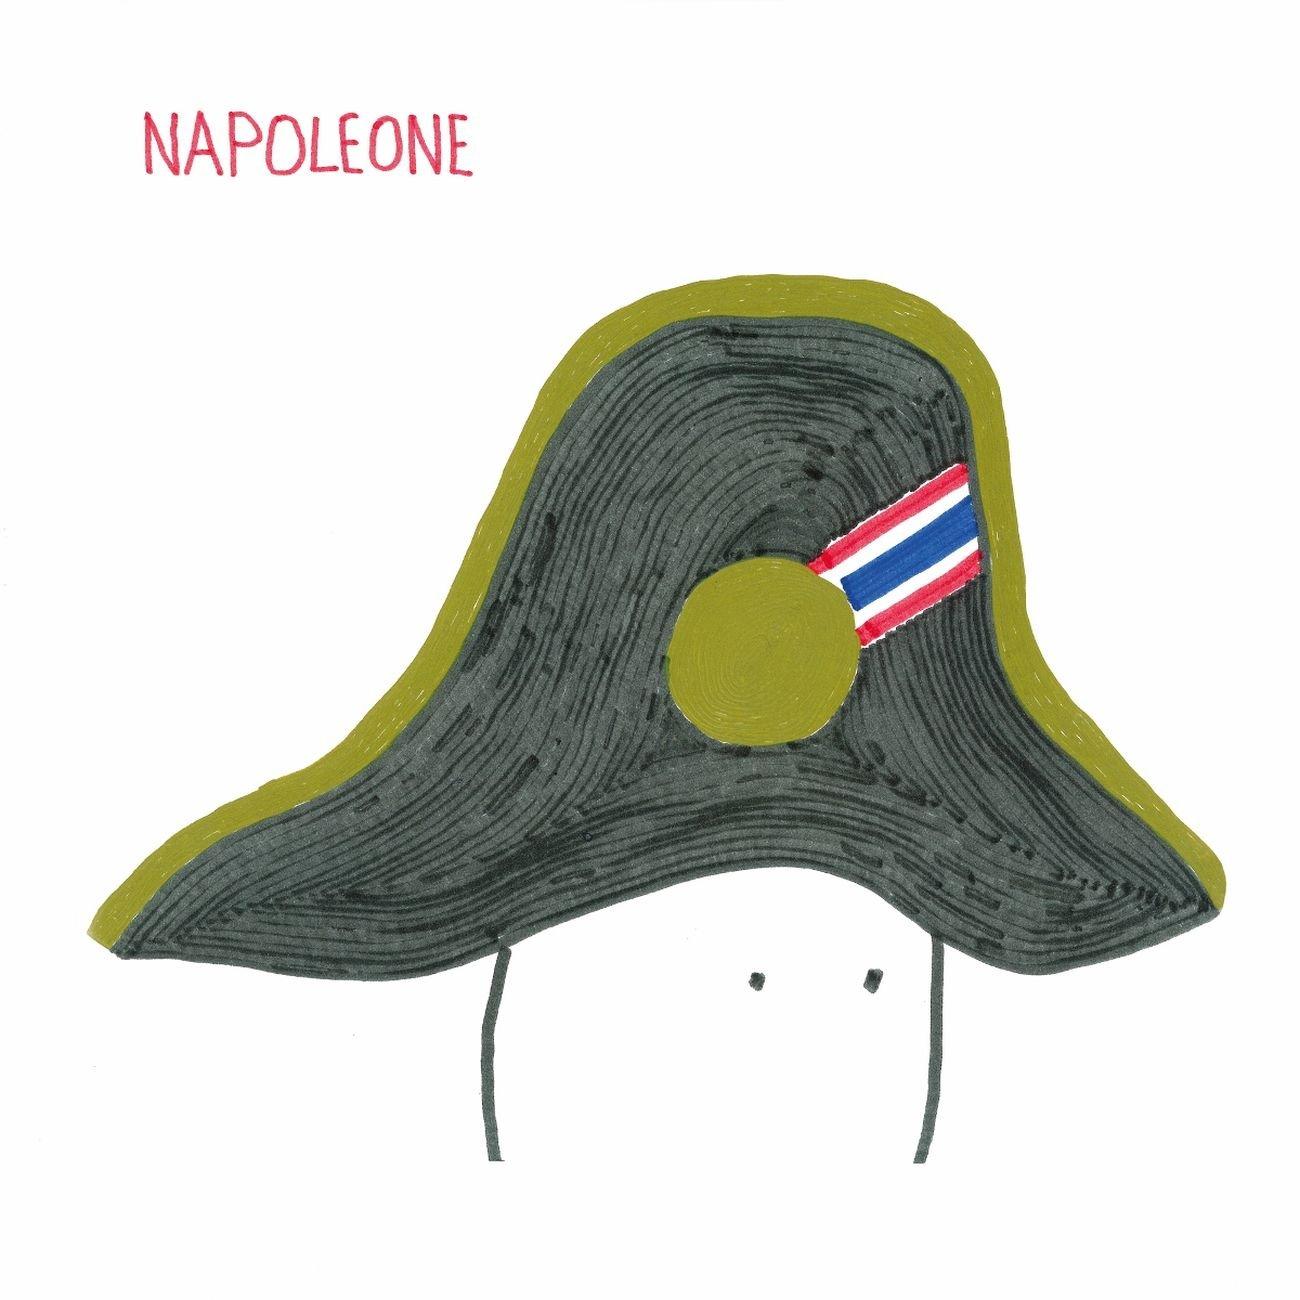 Giorgio Poi, Napoleone